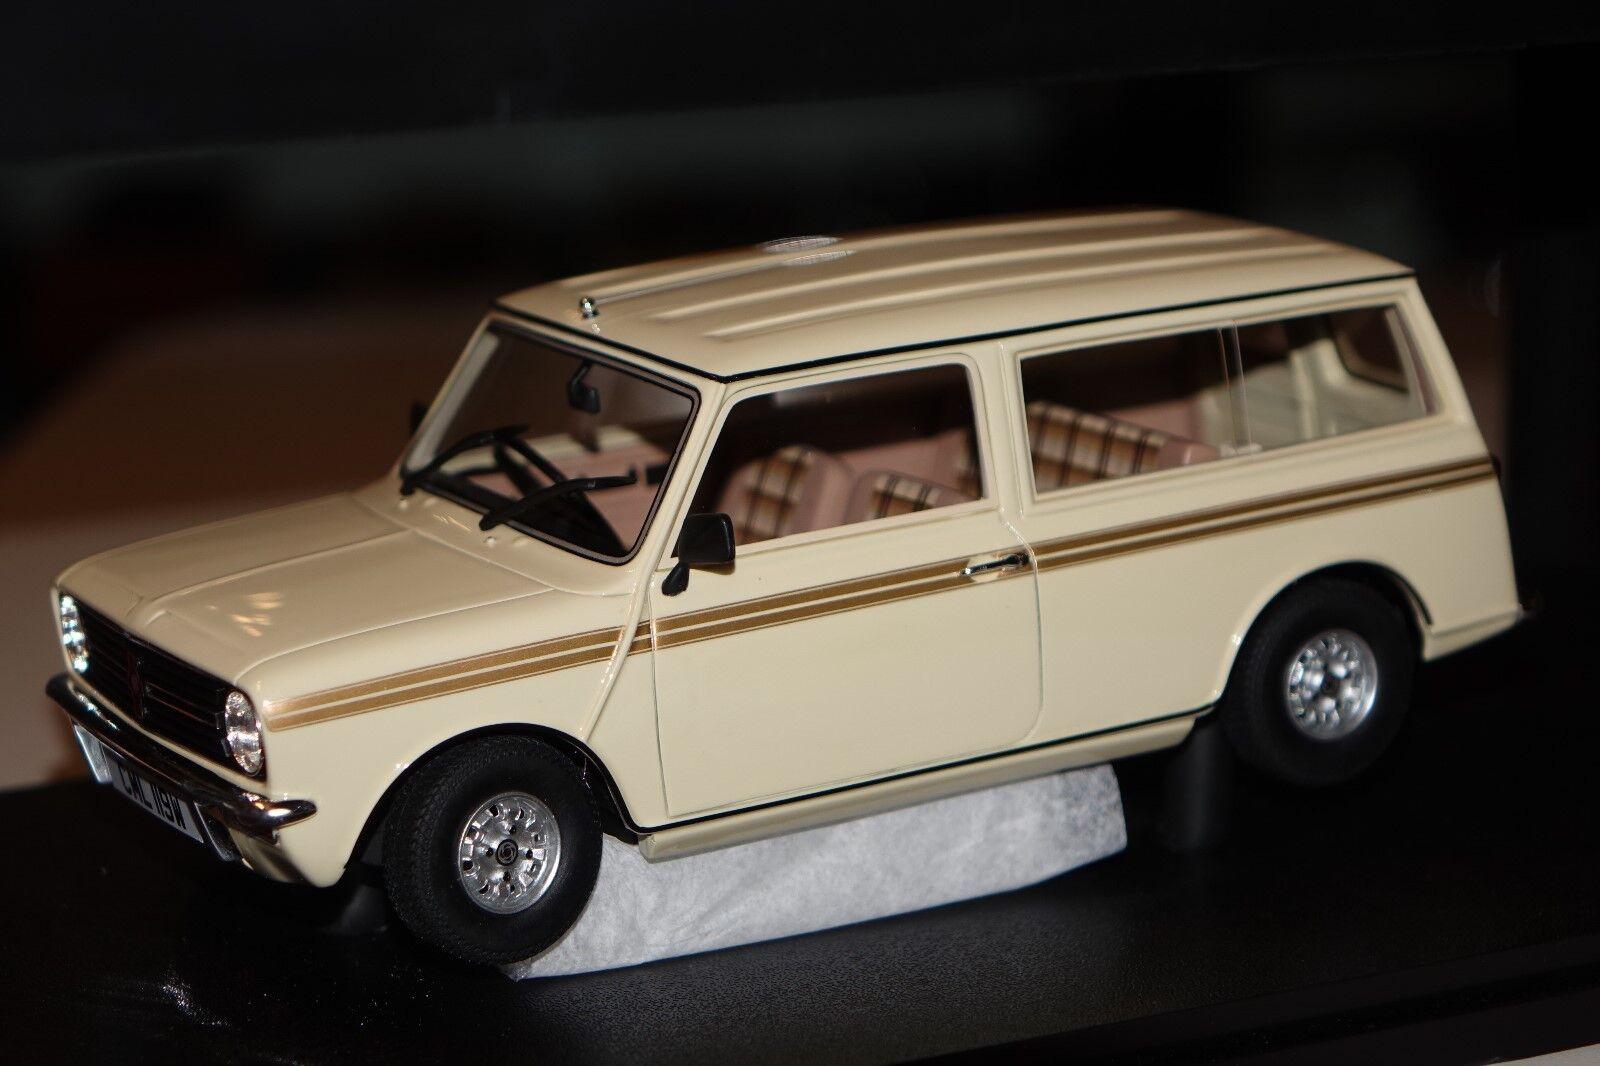 mejor opcion Mini Mini Mini Clubman Estate crema 1 18 Cult scale 018-2 nuevo & OVP  Envío y cambio gratis.